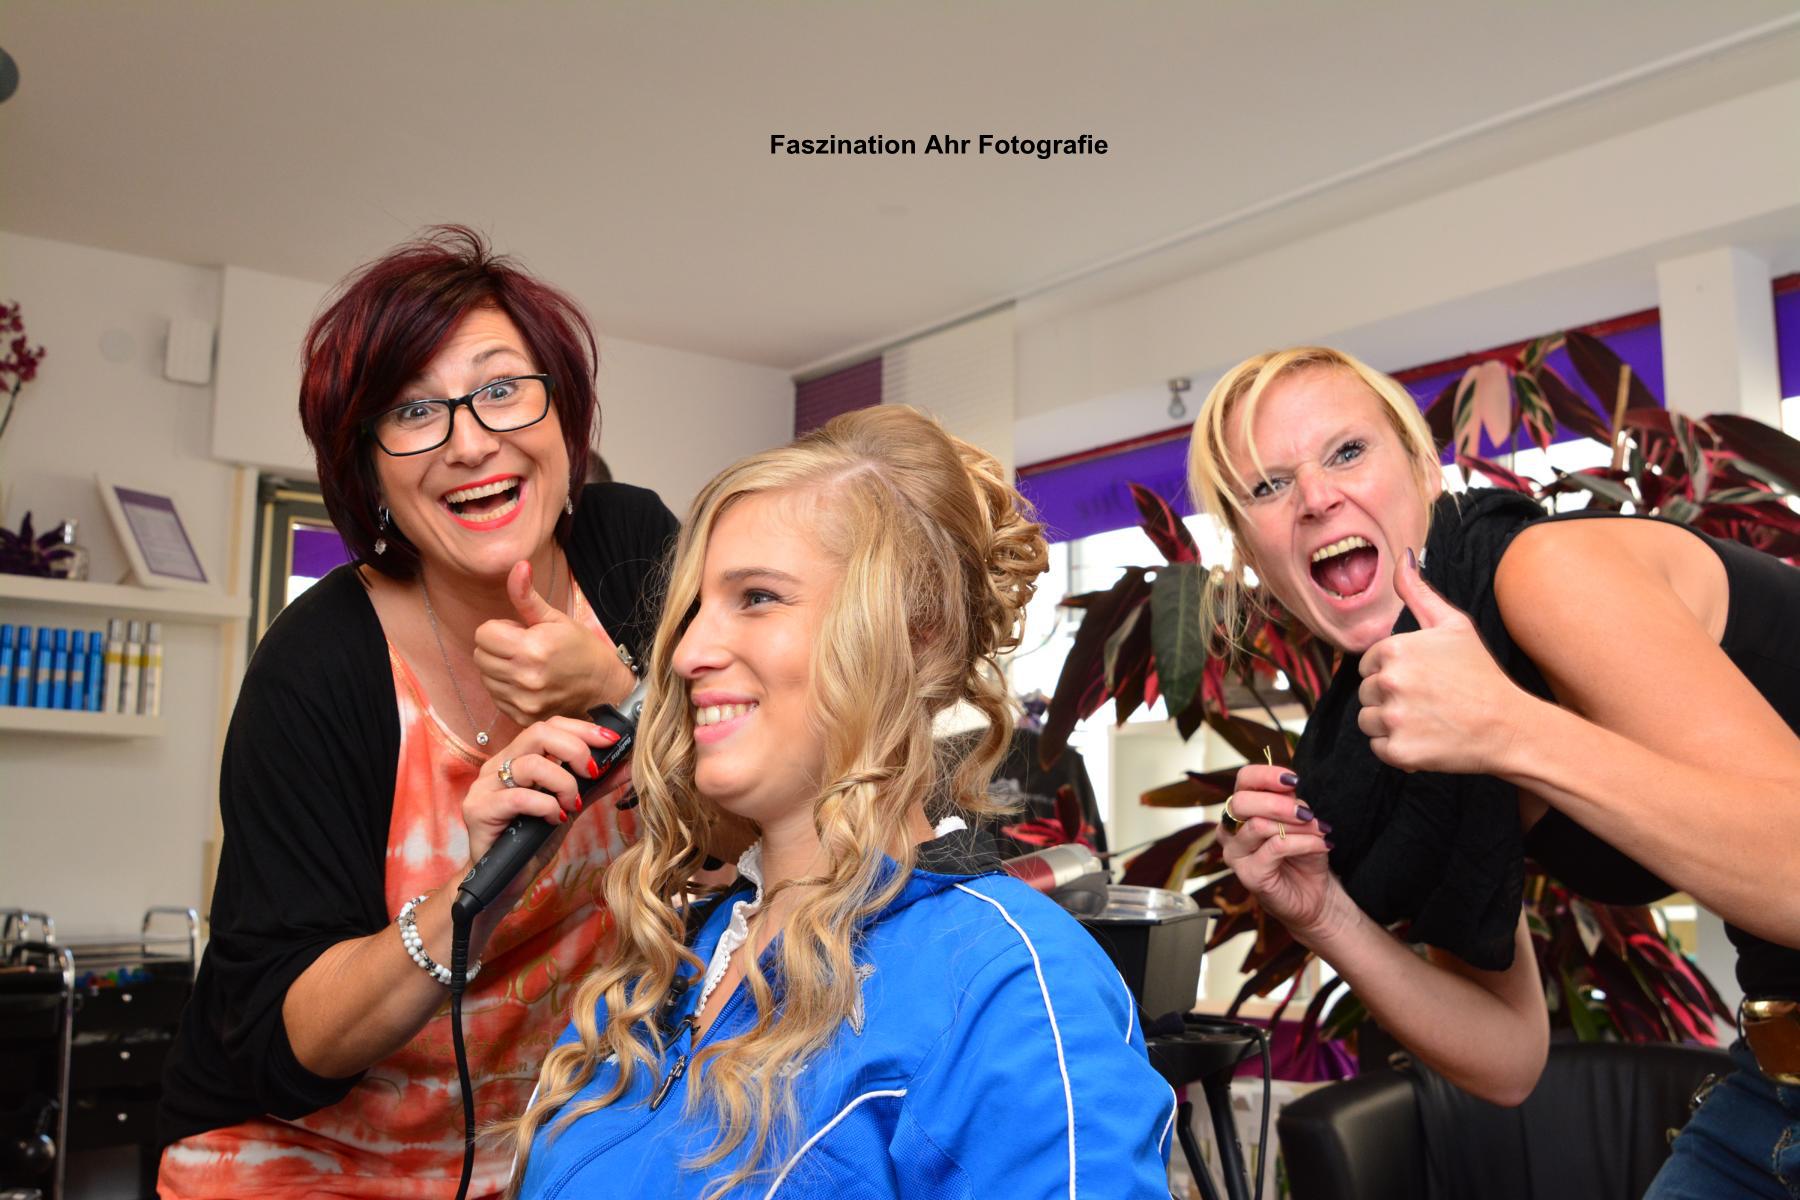 Das Haarstudio wurde von den Damen gerockt!